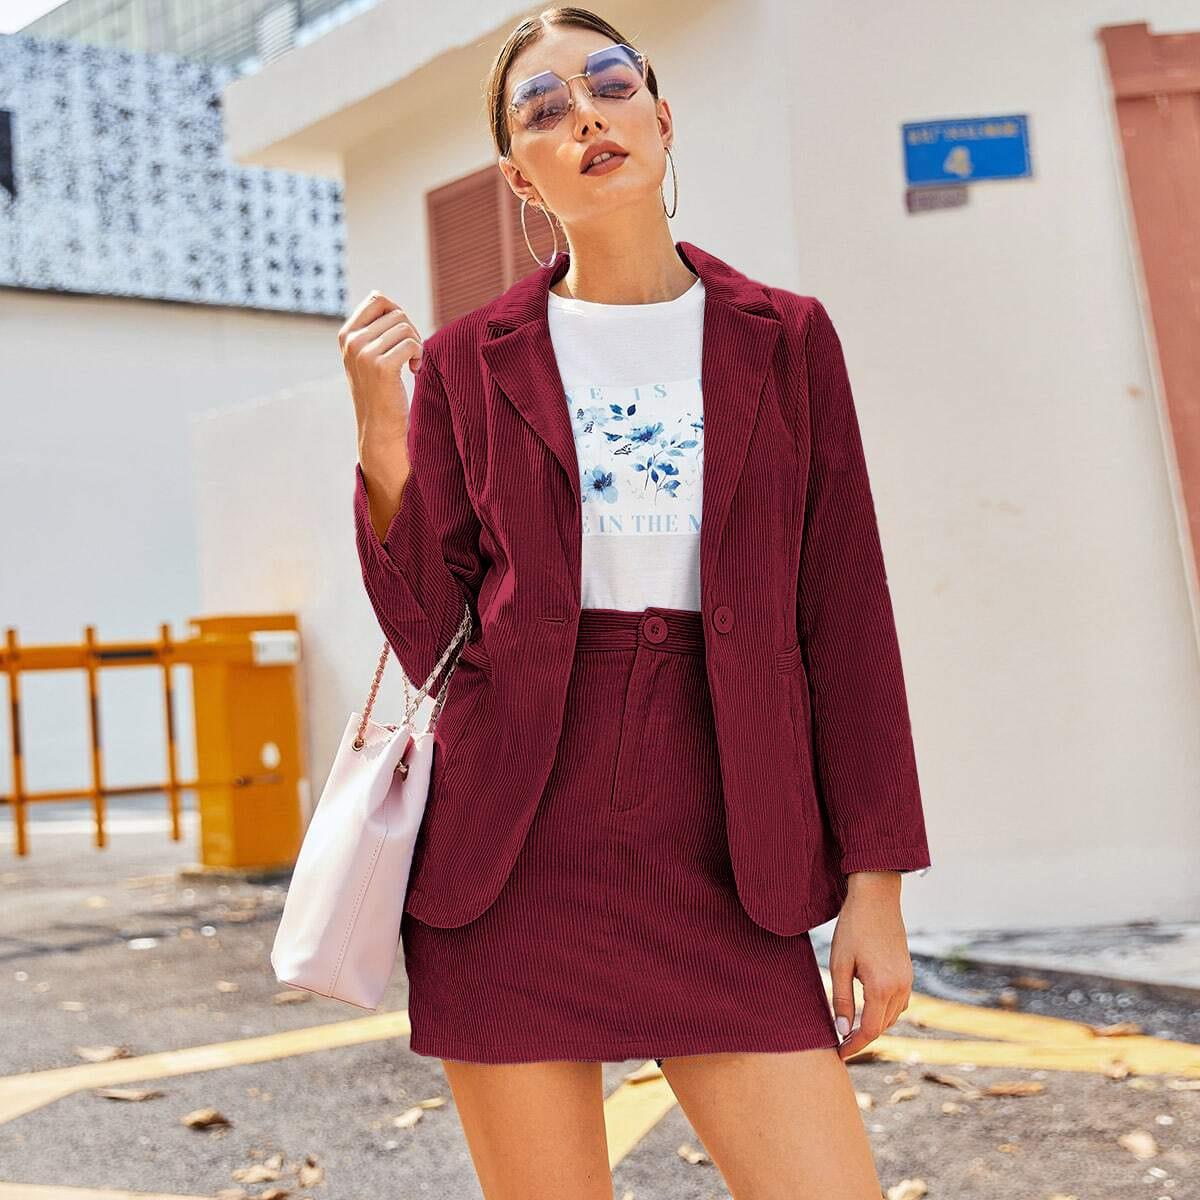 Вельветовый пиджак на пуговицах и юбка-карандаш